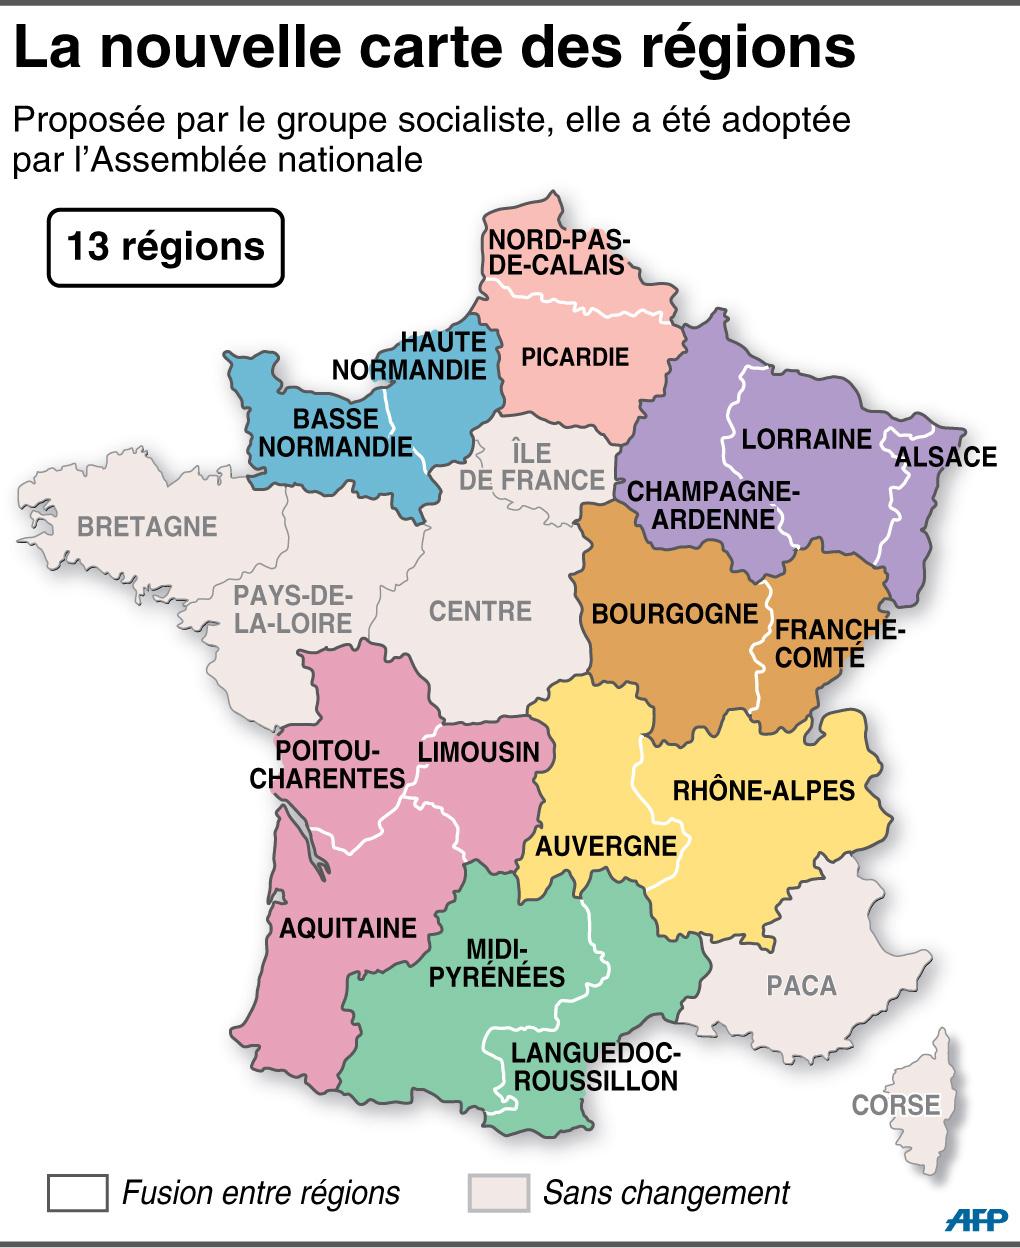 Réforme Territoriale : L'assemblée Adopte La Nouvelle Carte dedans Nouvelle Carte Des Régions De France